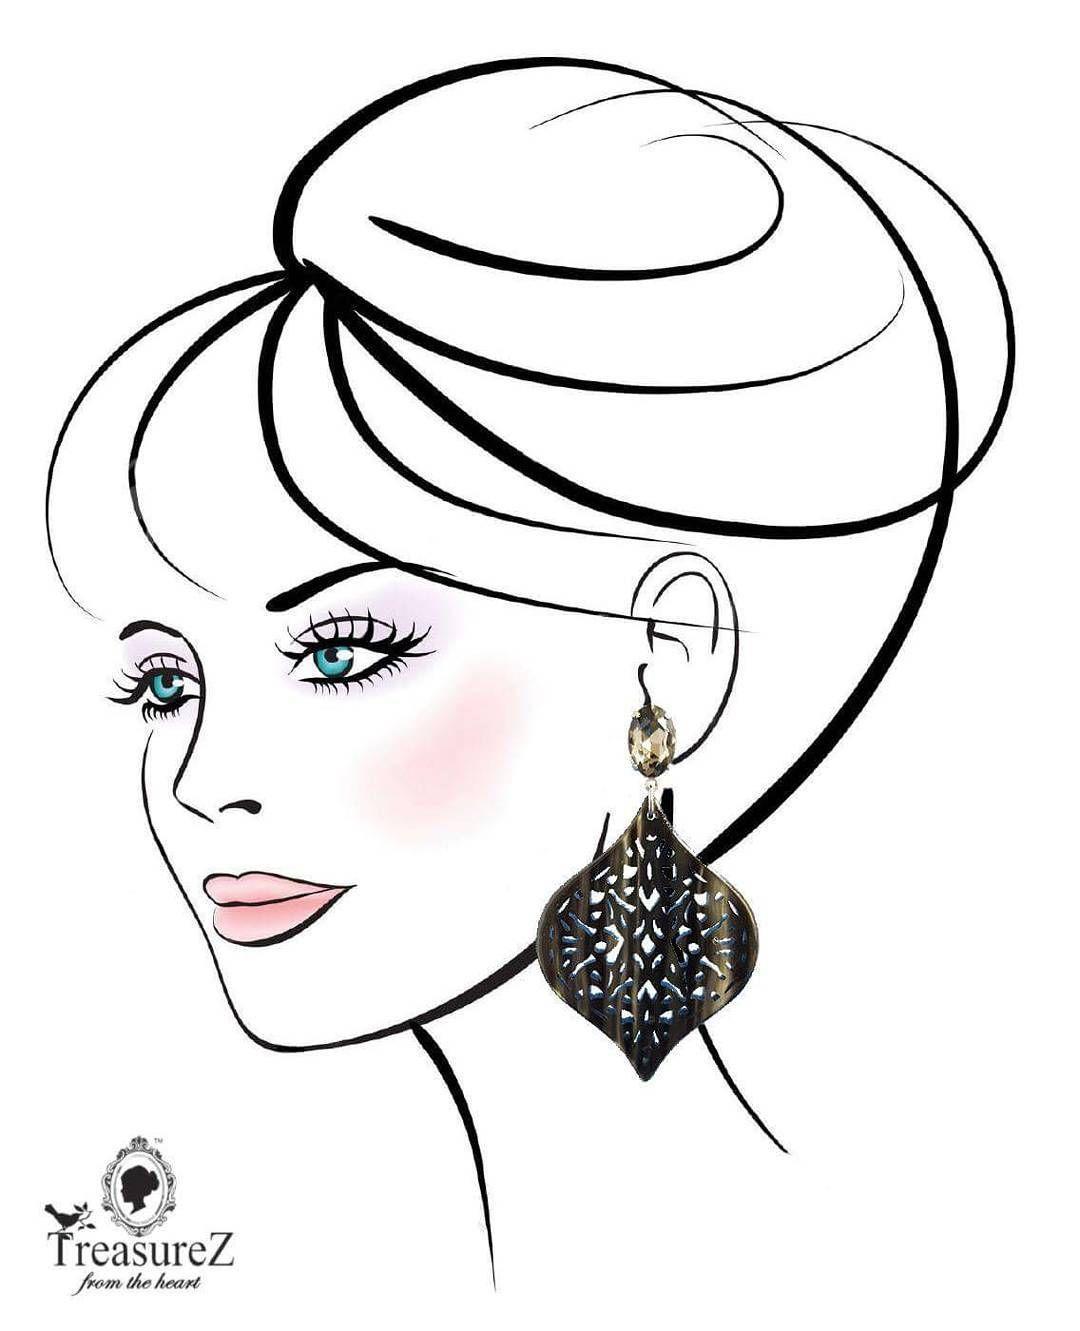 Sultan's Pride earrings; Autumn must-haves!  Nieuwe collectie oorbellen online! Like?  #earrings #oorbellen #jewelry #sieradenwebwinkel #sieraden #trend #beautyblogger #love #lifestyleblogger #musthaves